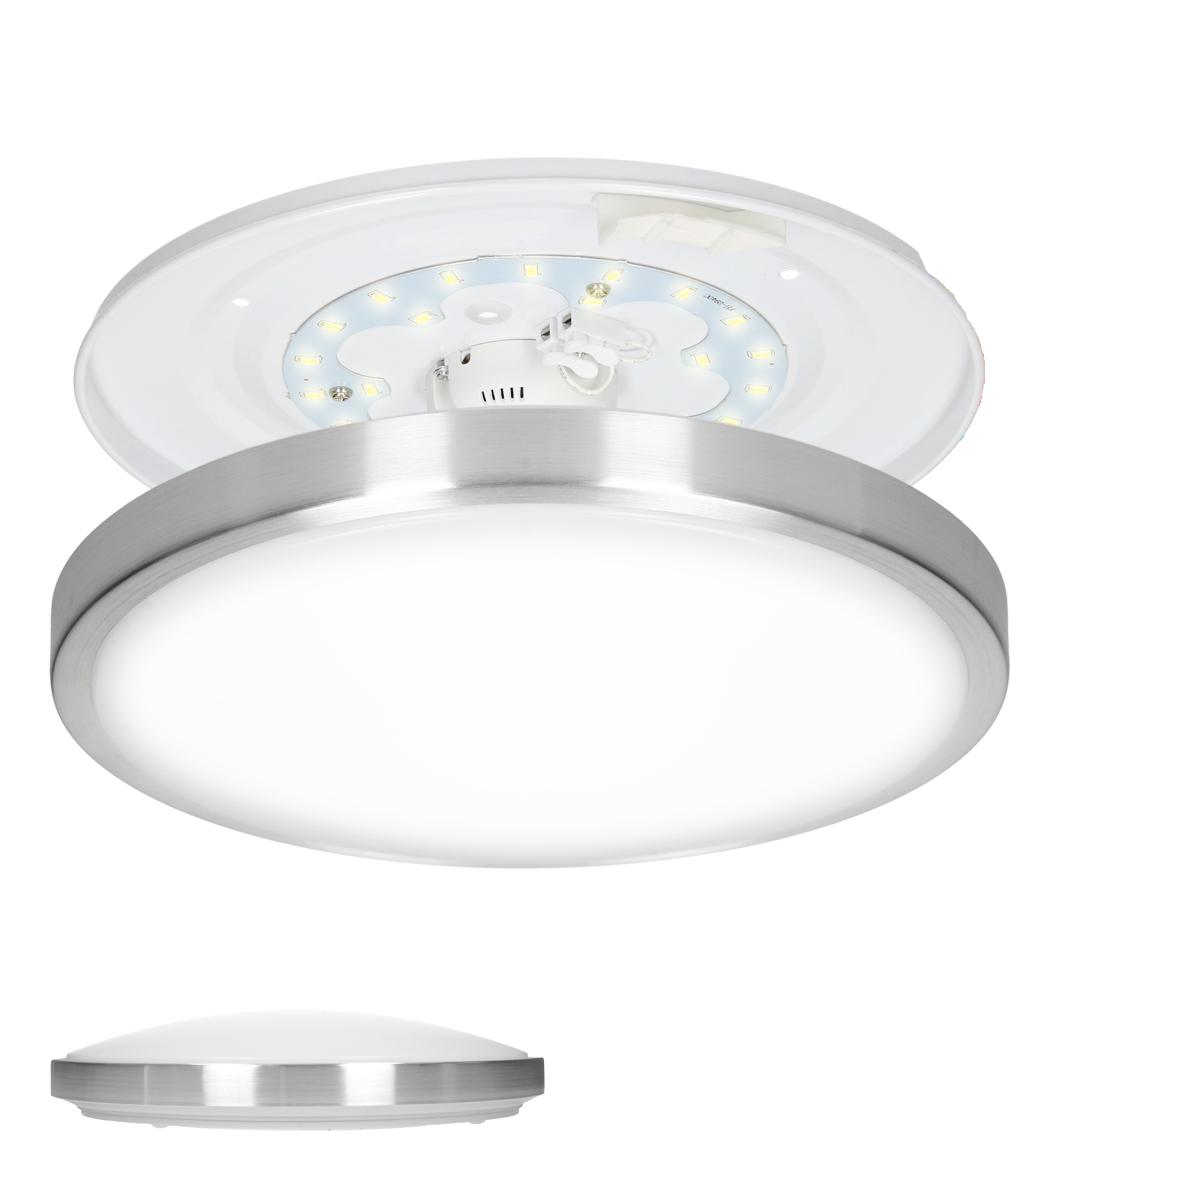 Led deckenleuchte lampe deckenlampe aufbaulampe 30cm 12w for Deckenlampe eckig led